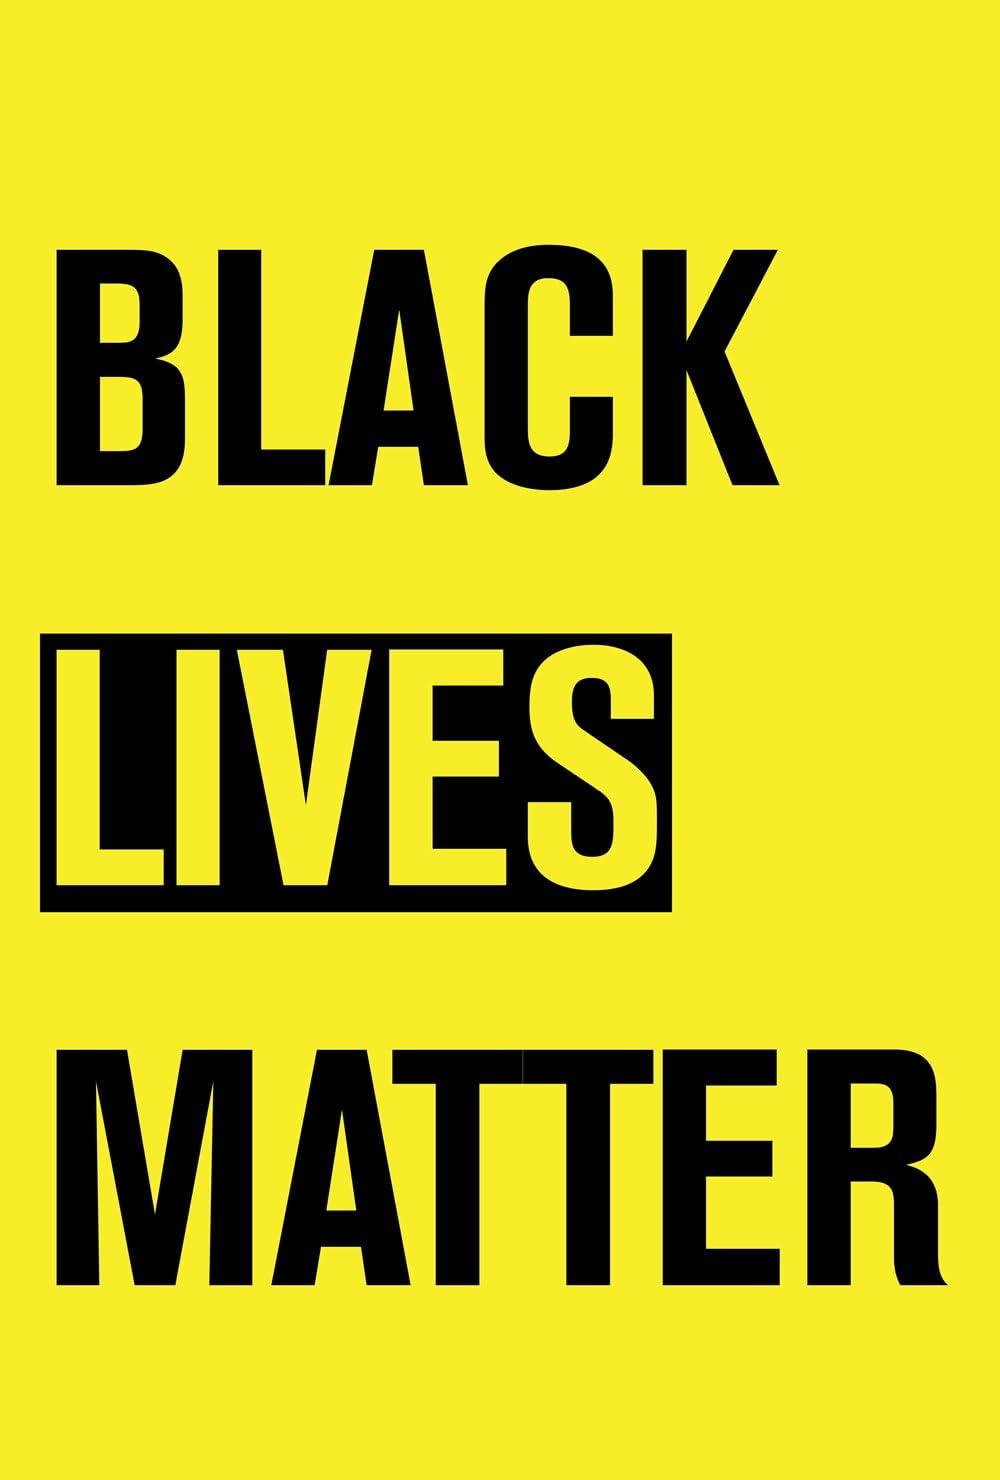 Toland Home Garden 1110870 Black Lives Matter Decorative USA Produced Garden Flag